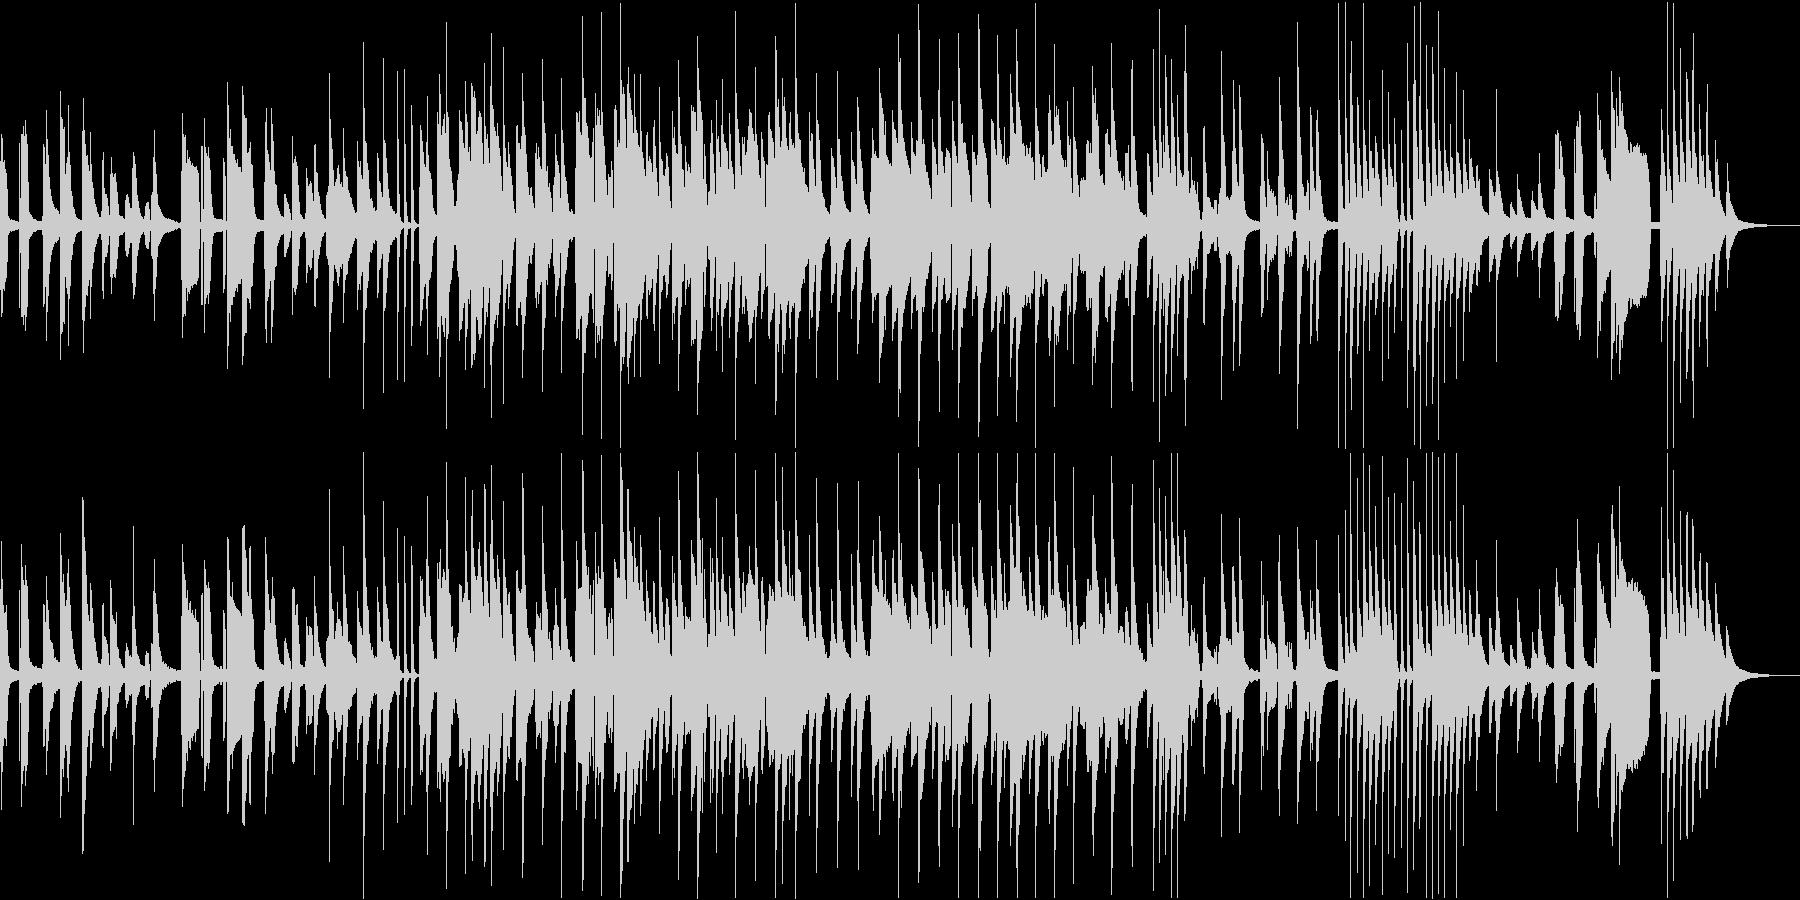 ピアノ弾き語りの優しい音楽の未再生の波形